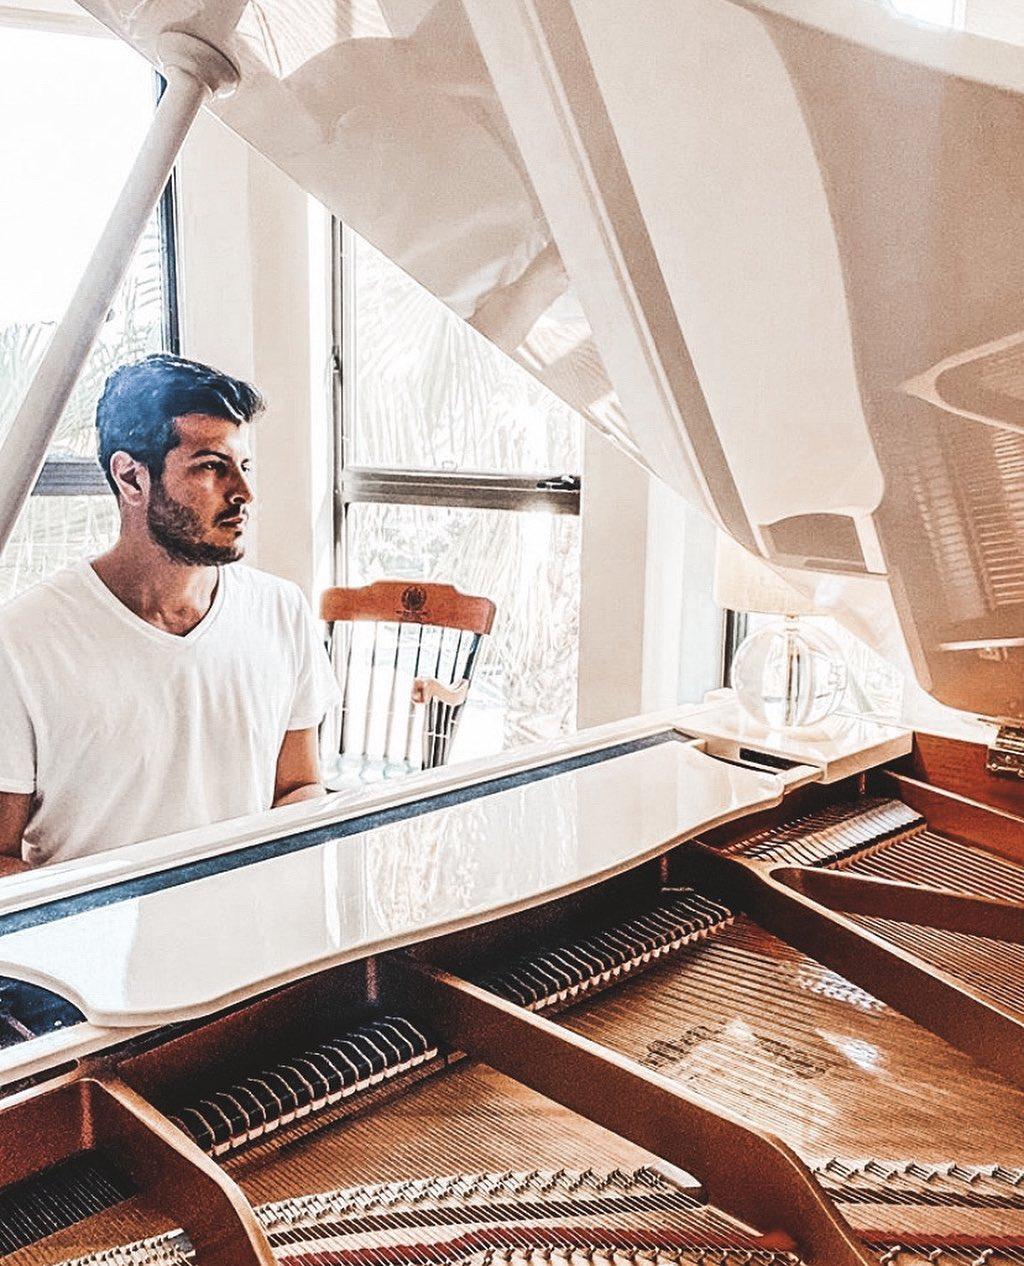 La Escuela de Música como proceso formativo